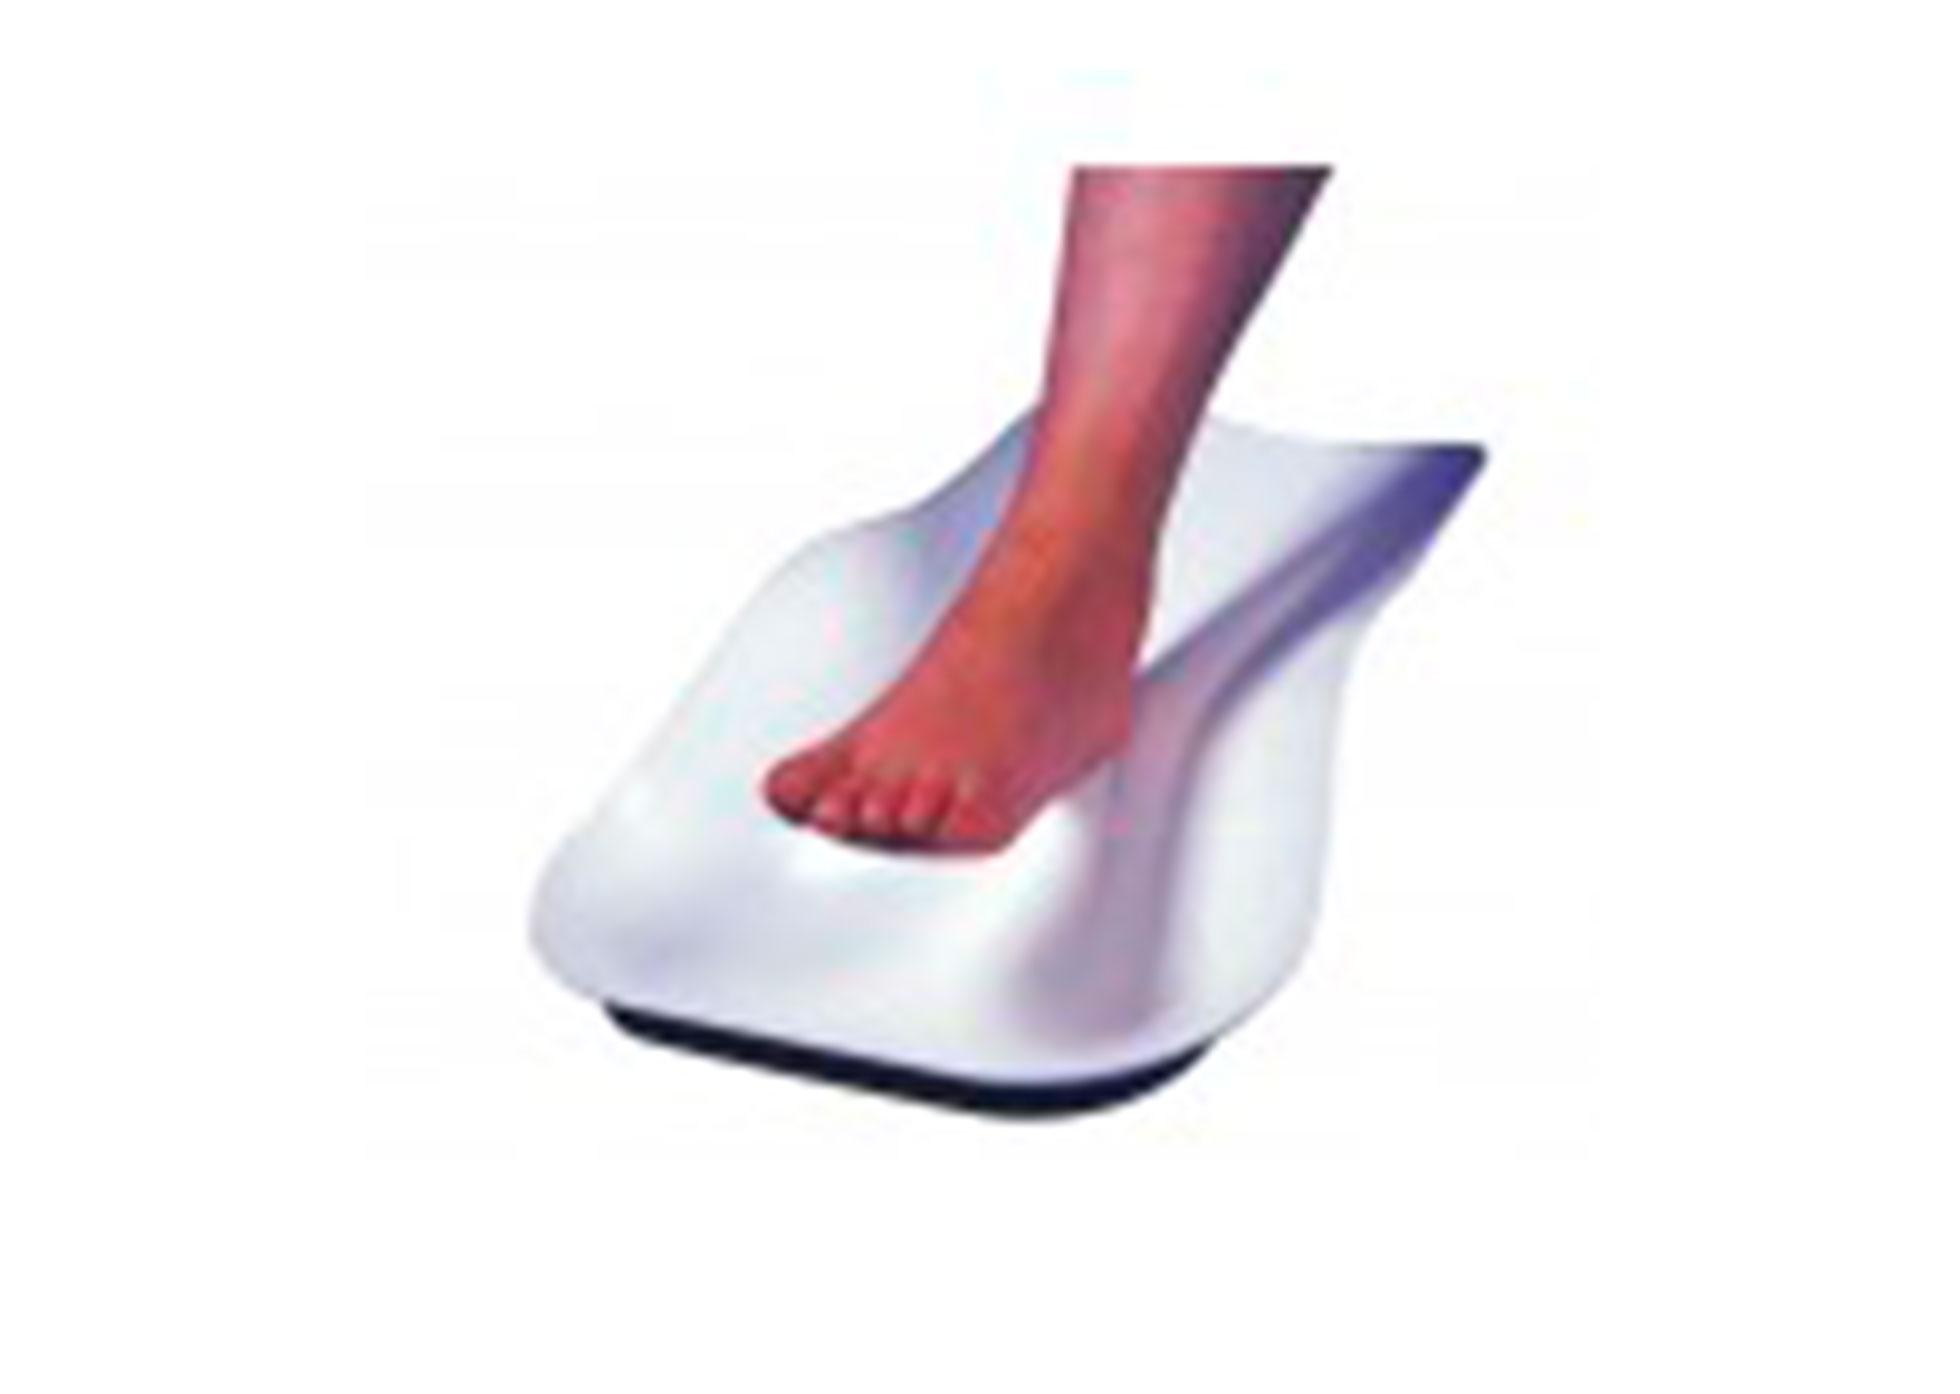 foot tray